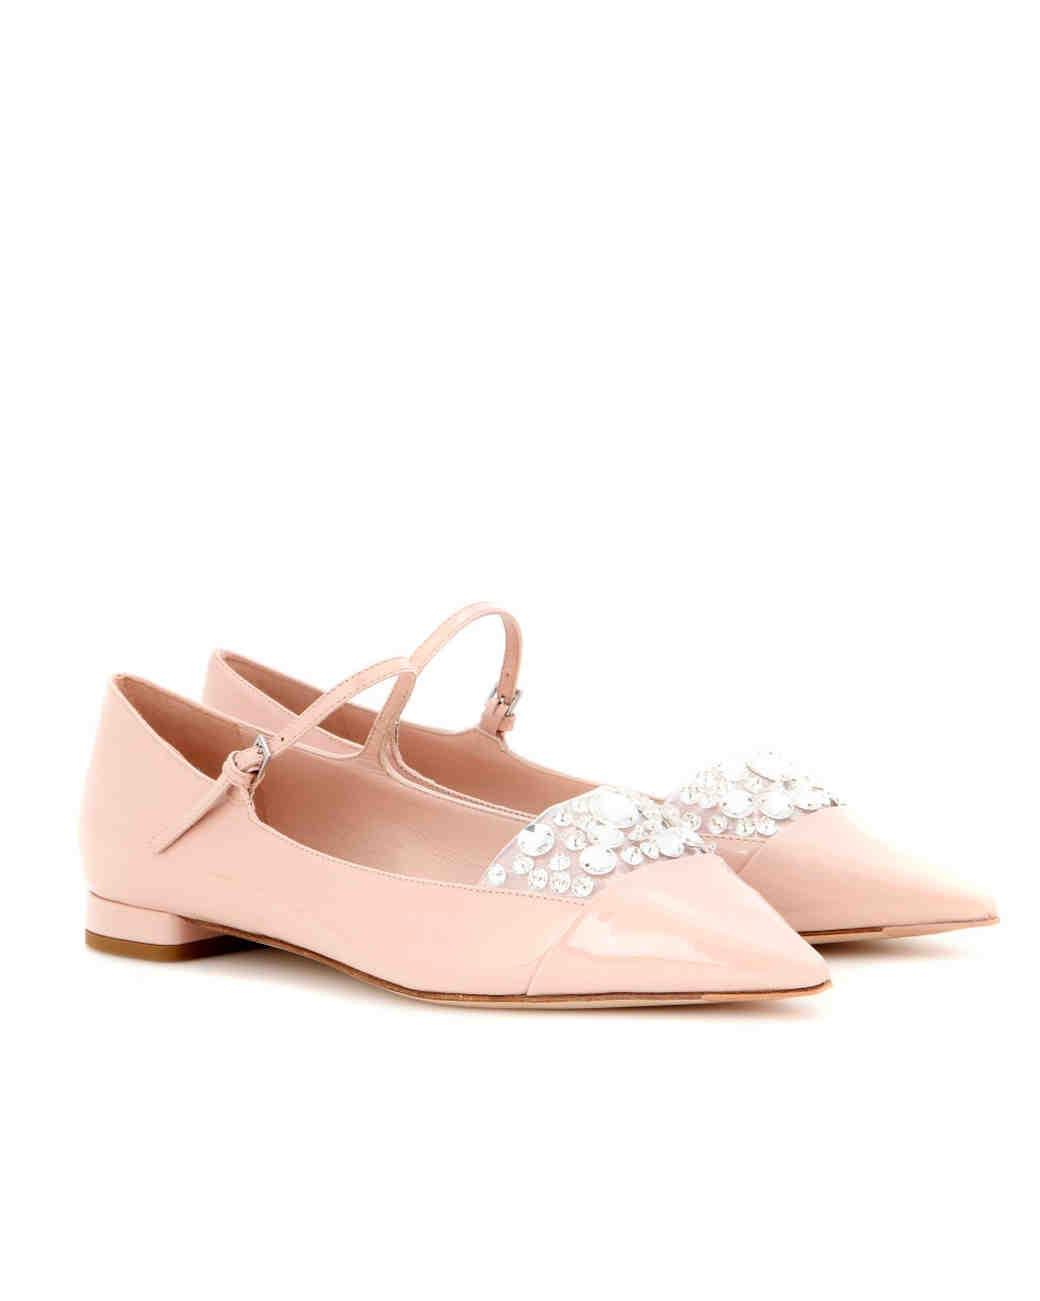 closed-toe-wedding-shoes-miu-miu-mytheresa-1215.jpg